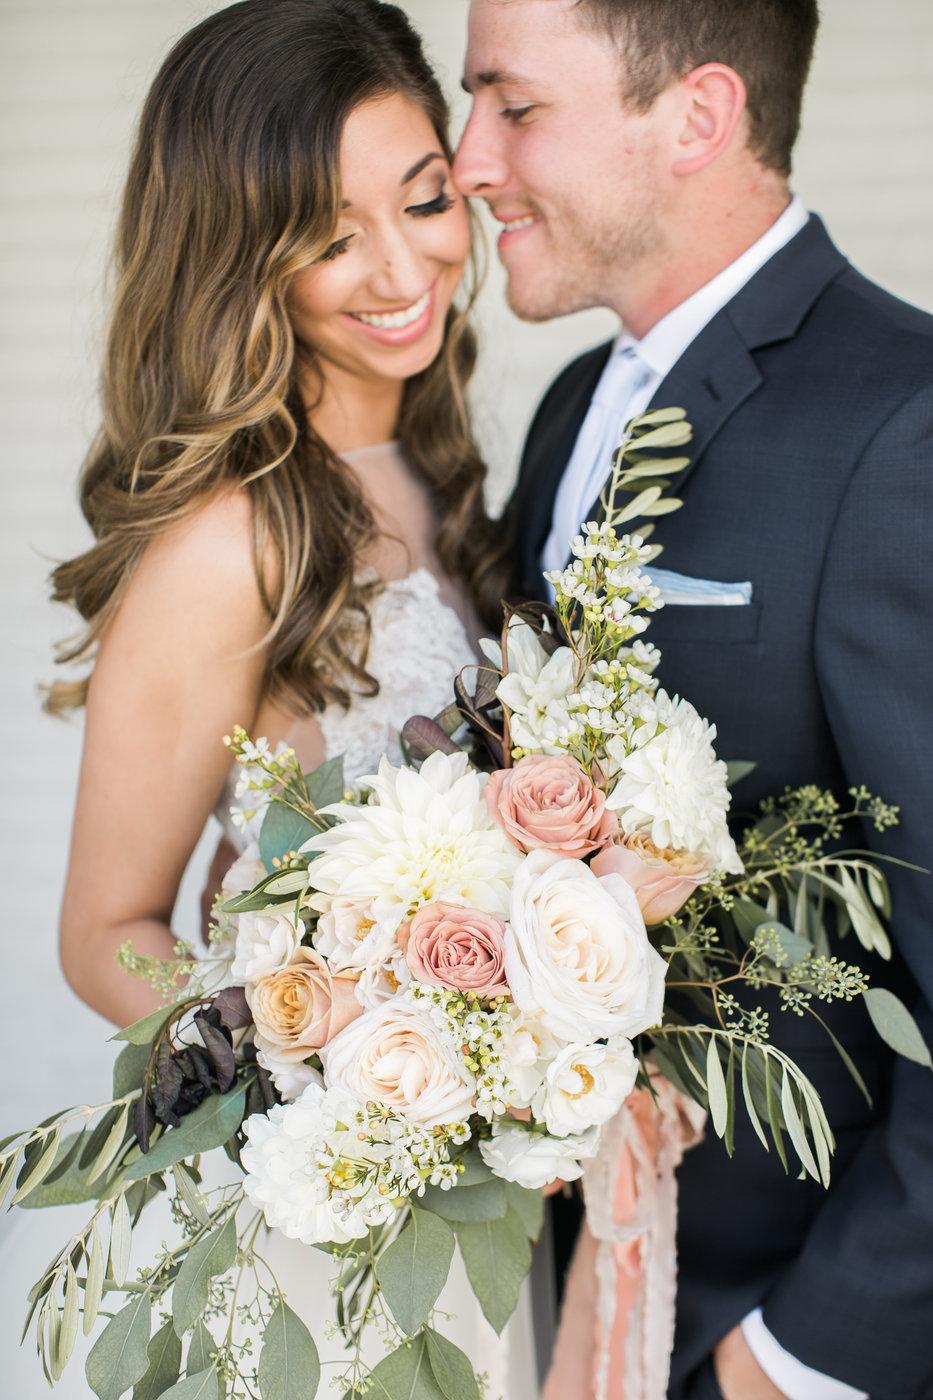 w e g n e r-newlyweds-0062.jpg